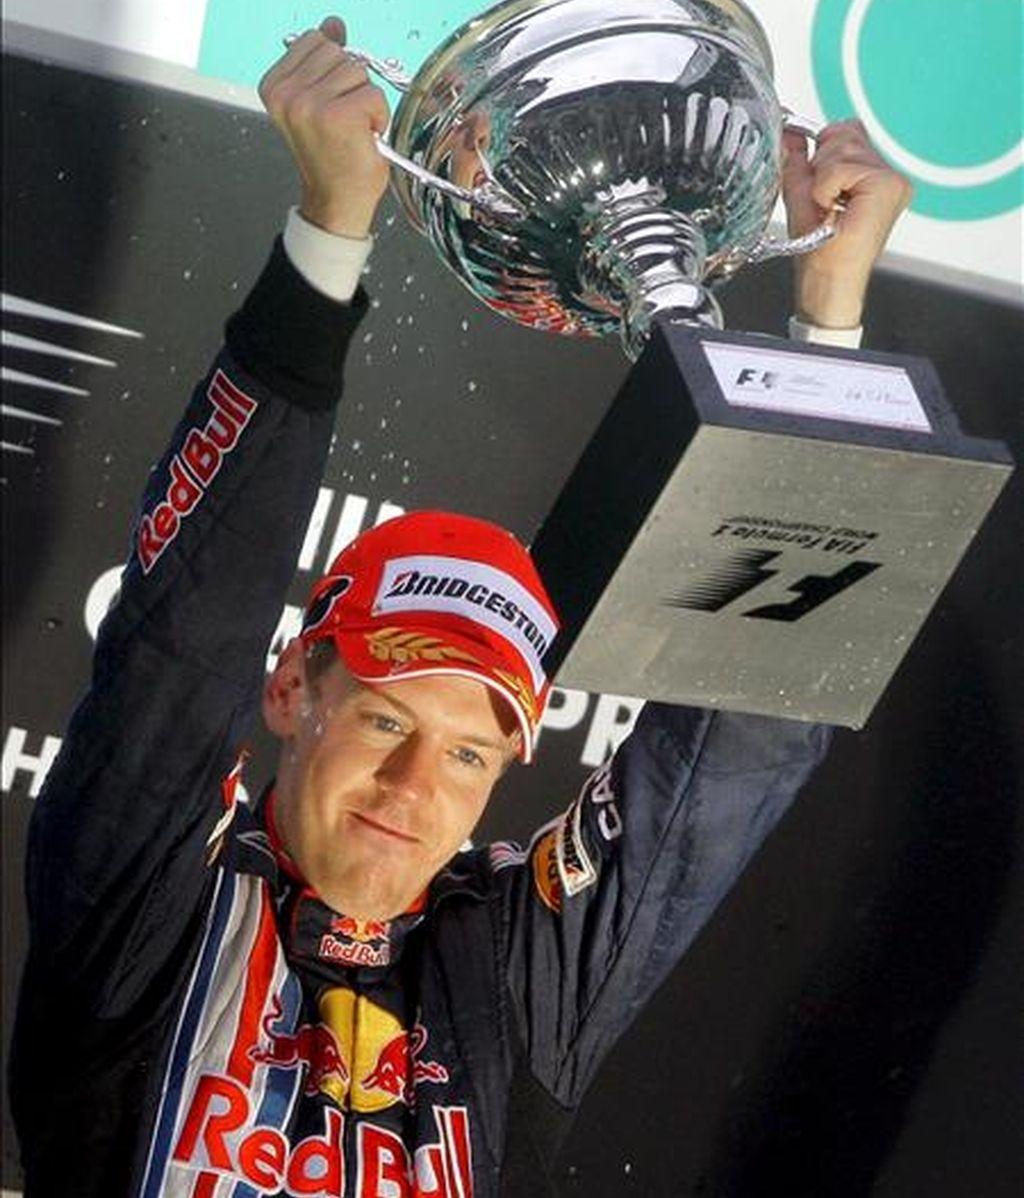 El piloto alemán de Fórmula Uno Sebastian Vettel, de Red Bull, celebra su victoria en el Gran Premio de Fórmula Uno de China, en el circuito internacional de Shanghái (China). EFE